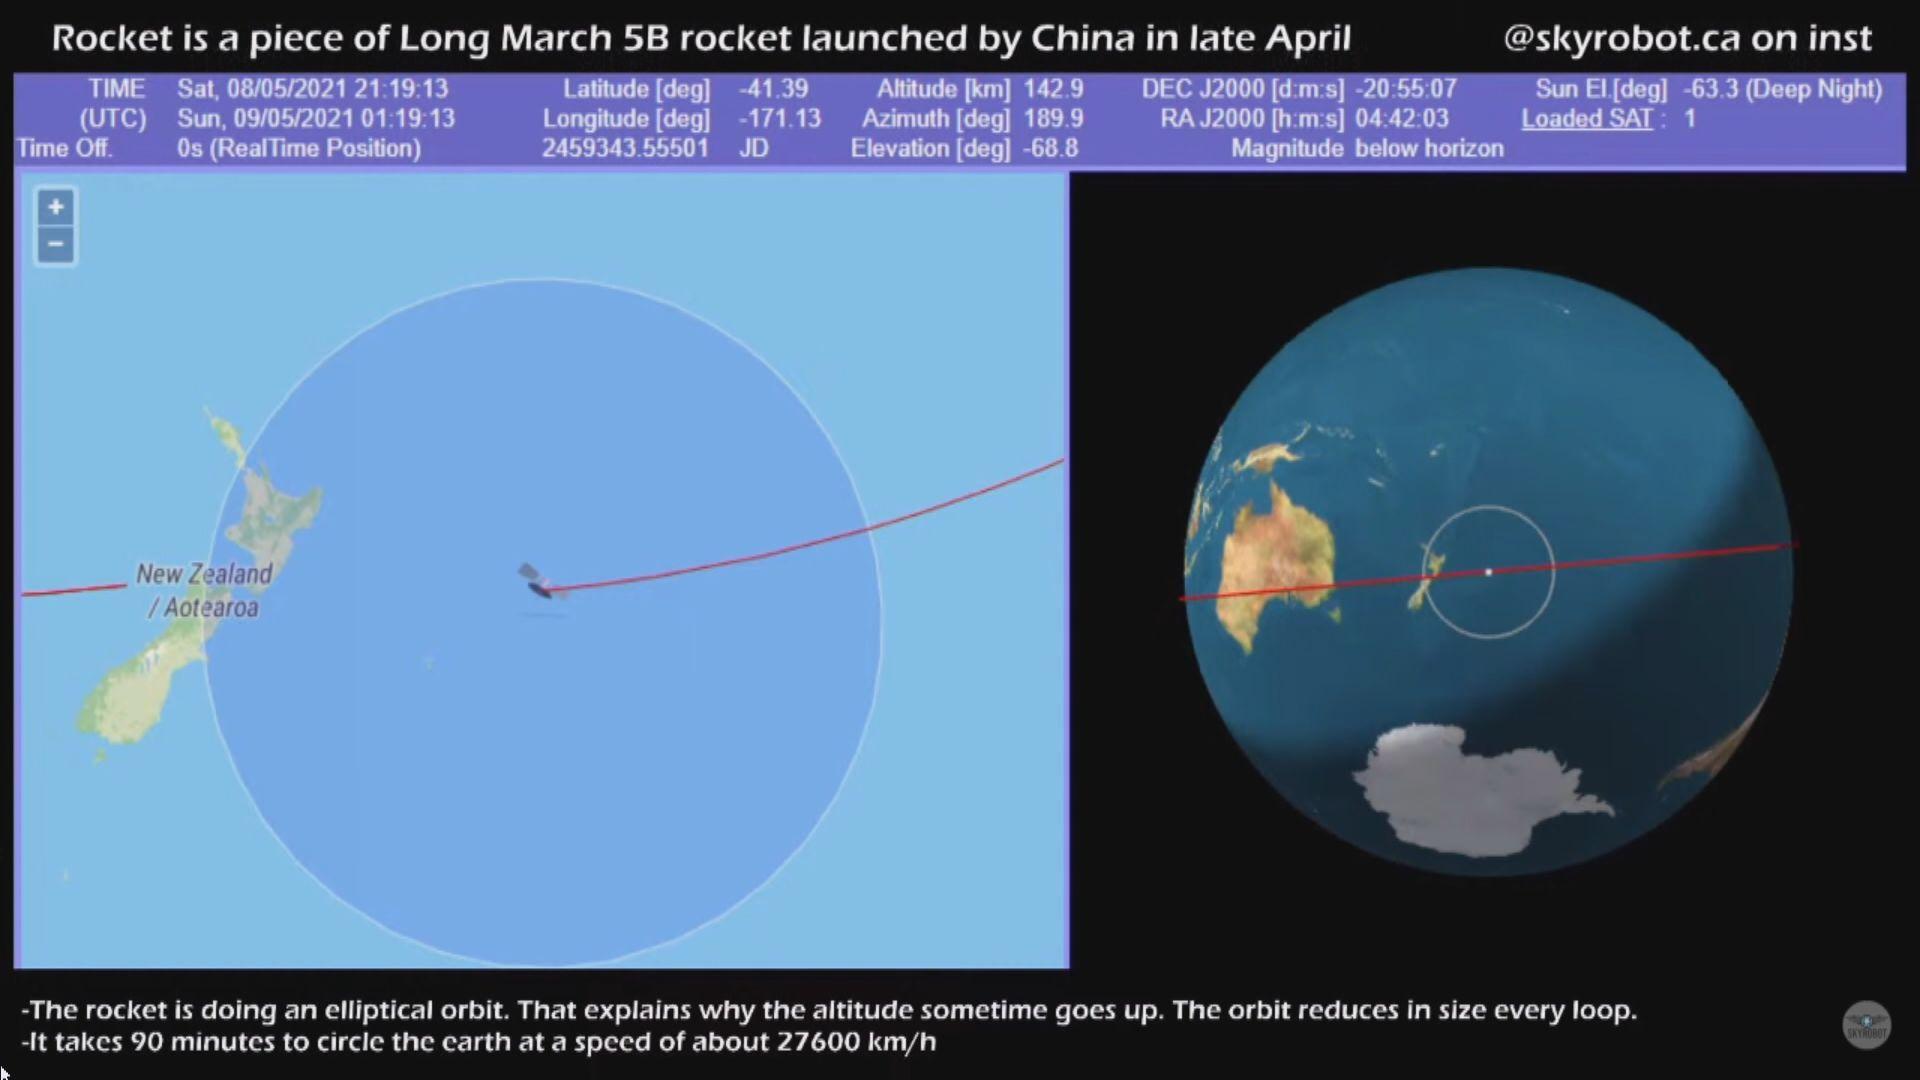 長征五號火箭殘骸預計今早至中午墜落地球